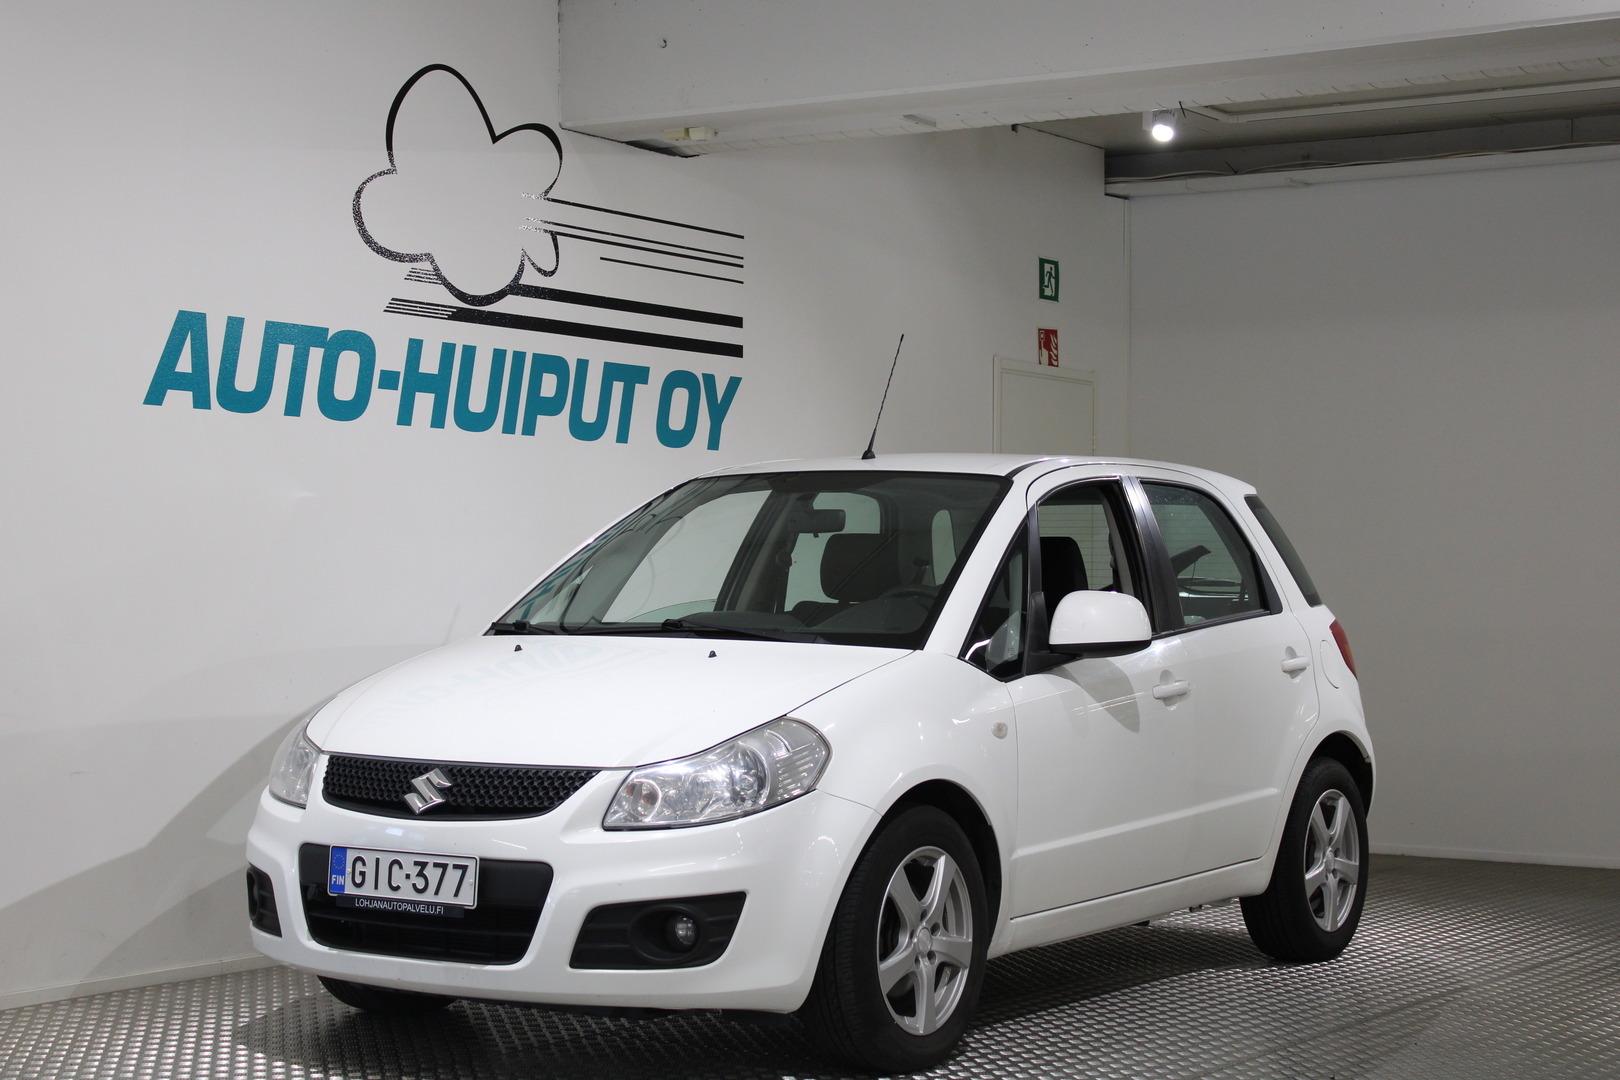 Suzuki SX4, 1,5 VVT CITY #Näppärä #Siistikuntoinen **Juuri Tullut**